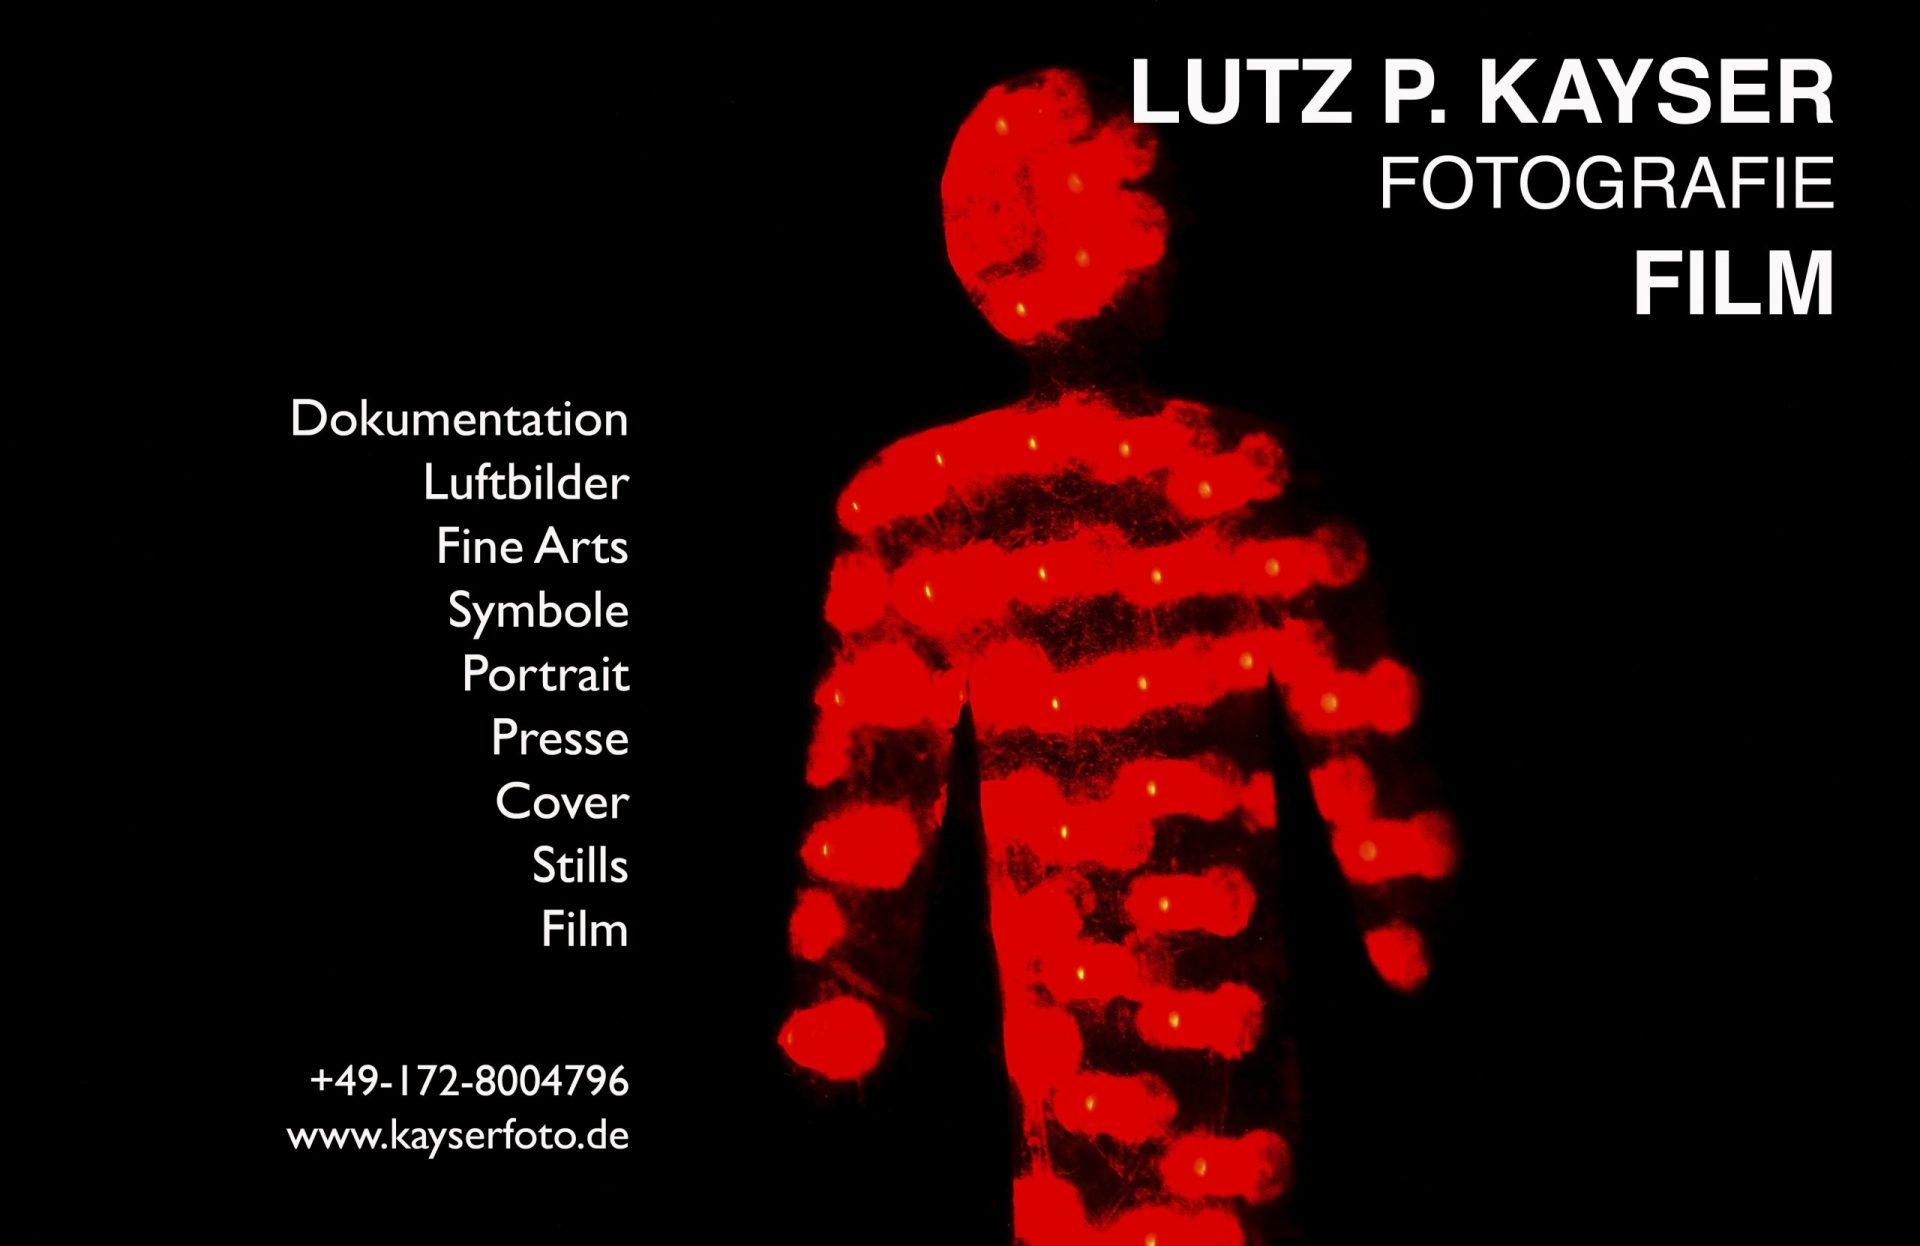 Lutz P. Kayser